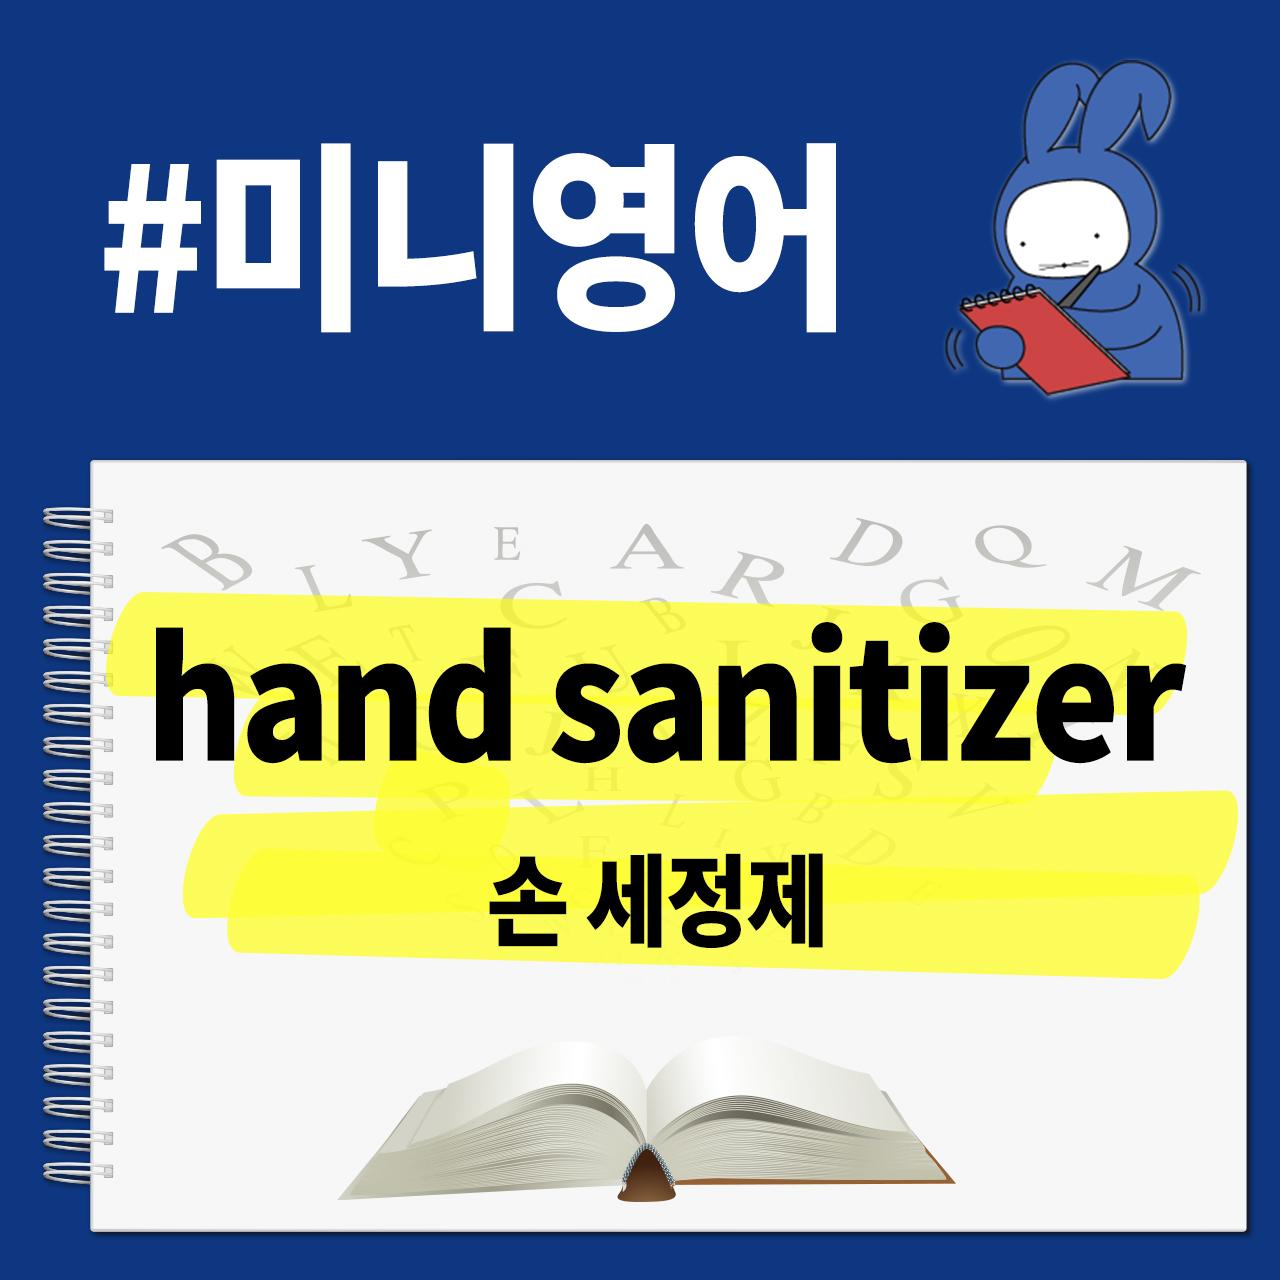 [오디오래빗] 독감 예방은 손씻기부터 #손세정제 영어로 뭐게?